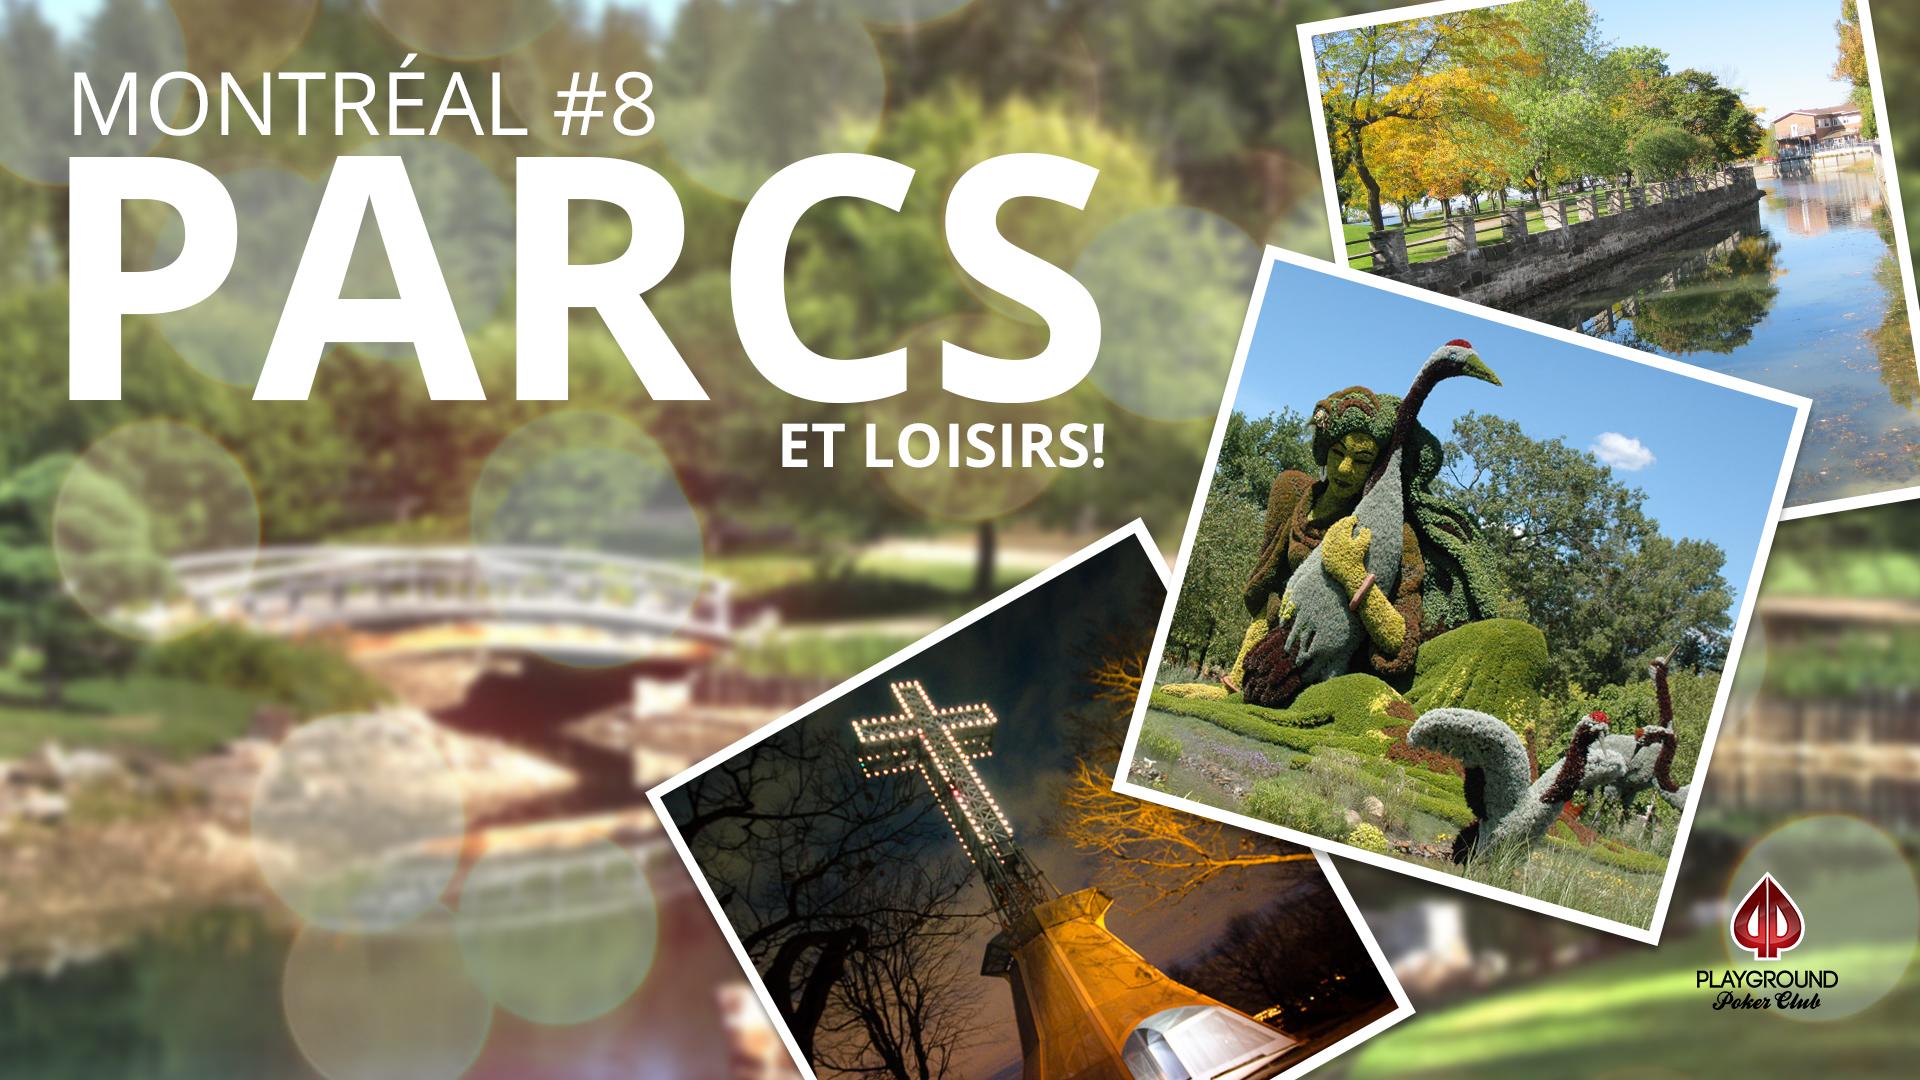 En 8e place sur notre Top 10: Parcs et loisirs